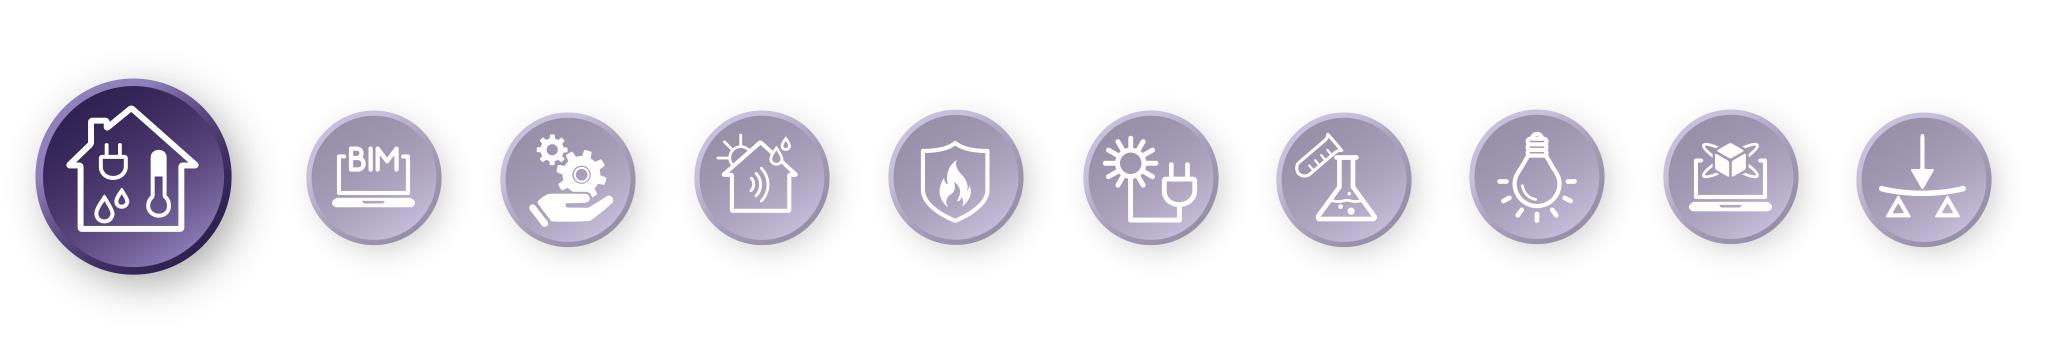 Piktogramm-Leiste mit hervorgehobenem TGA-Symbol